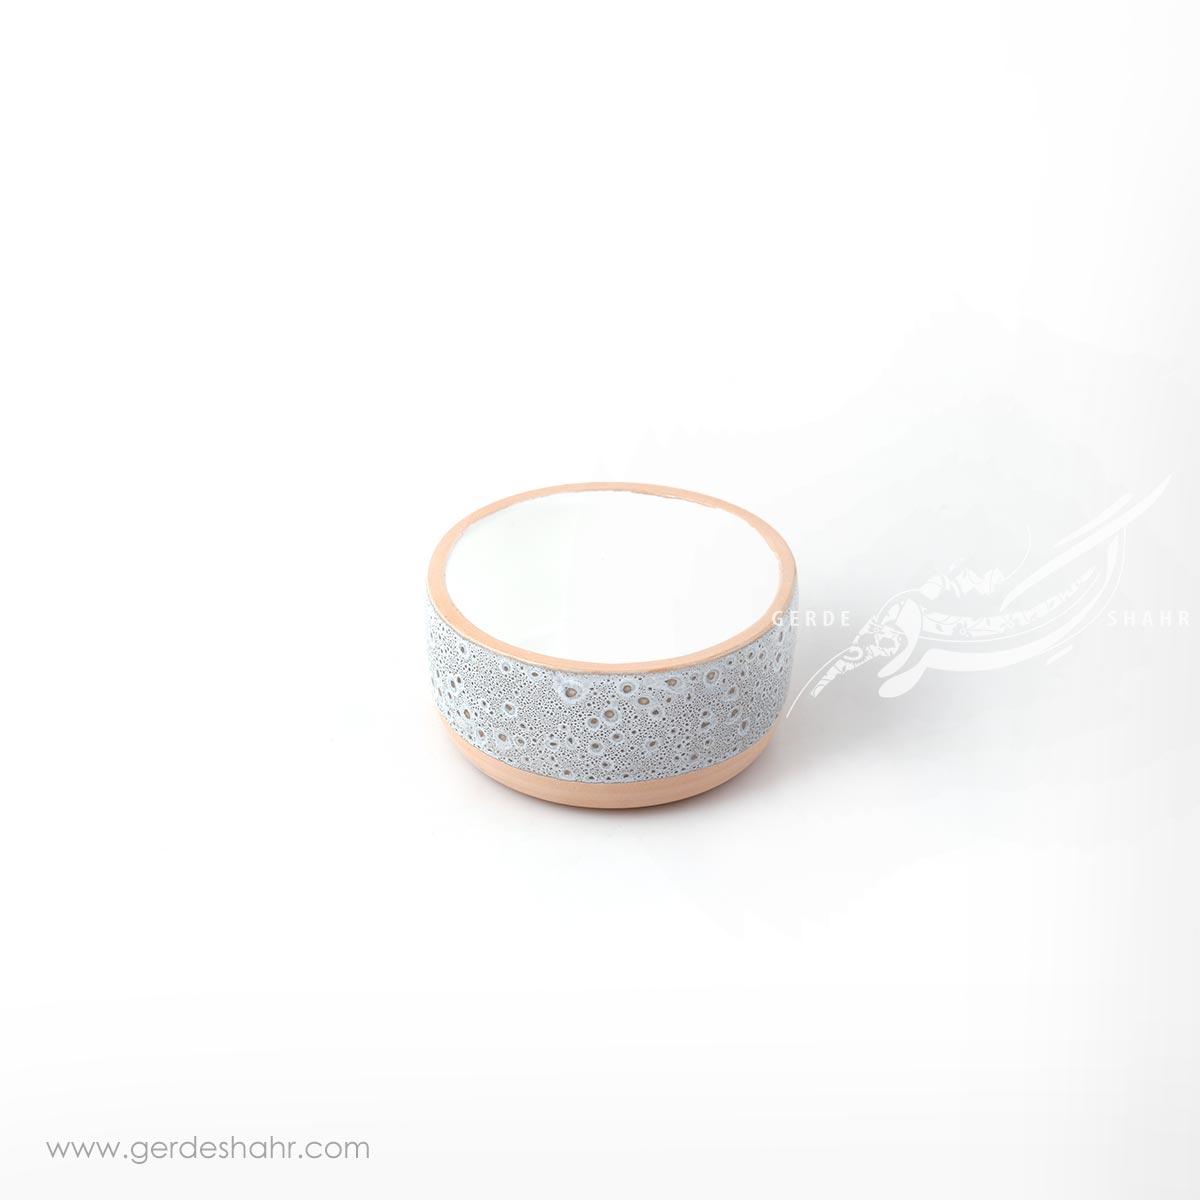 کاسه سفید جزیره زین دست محصولات